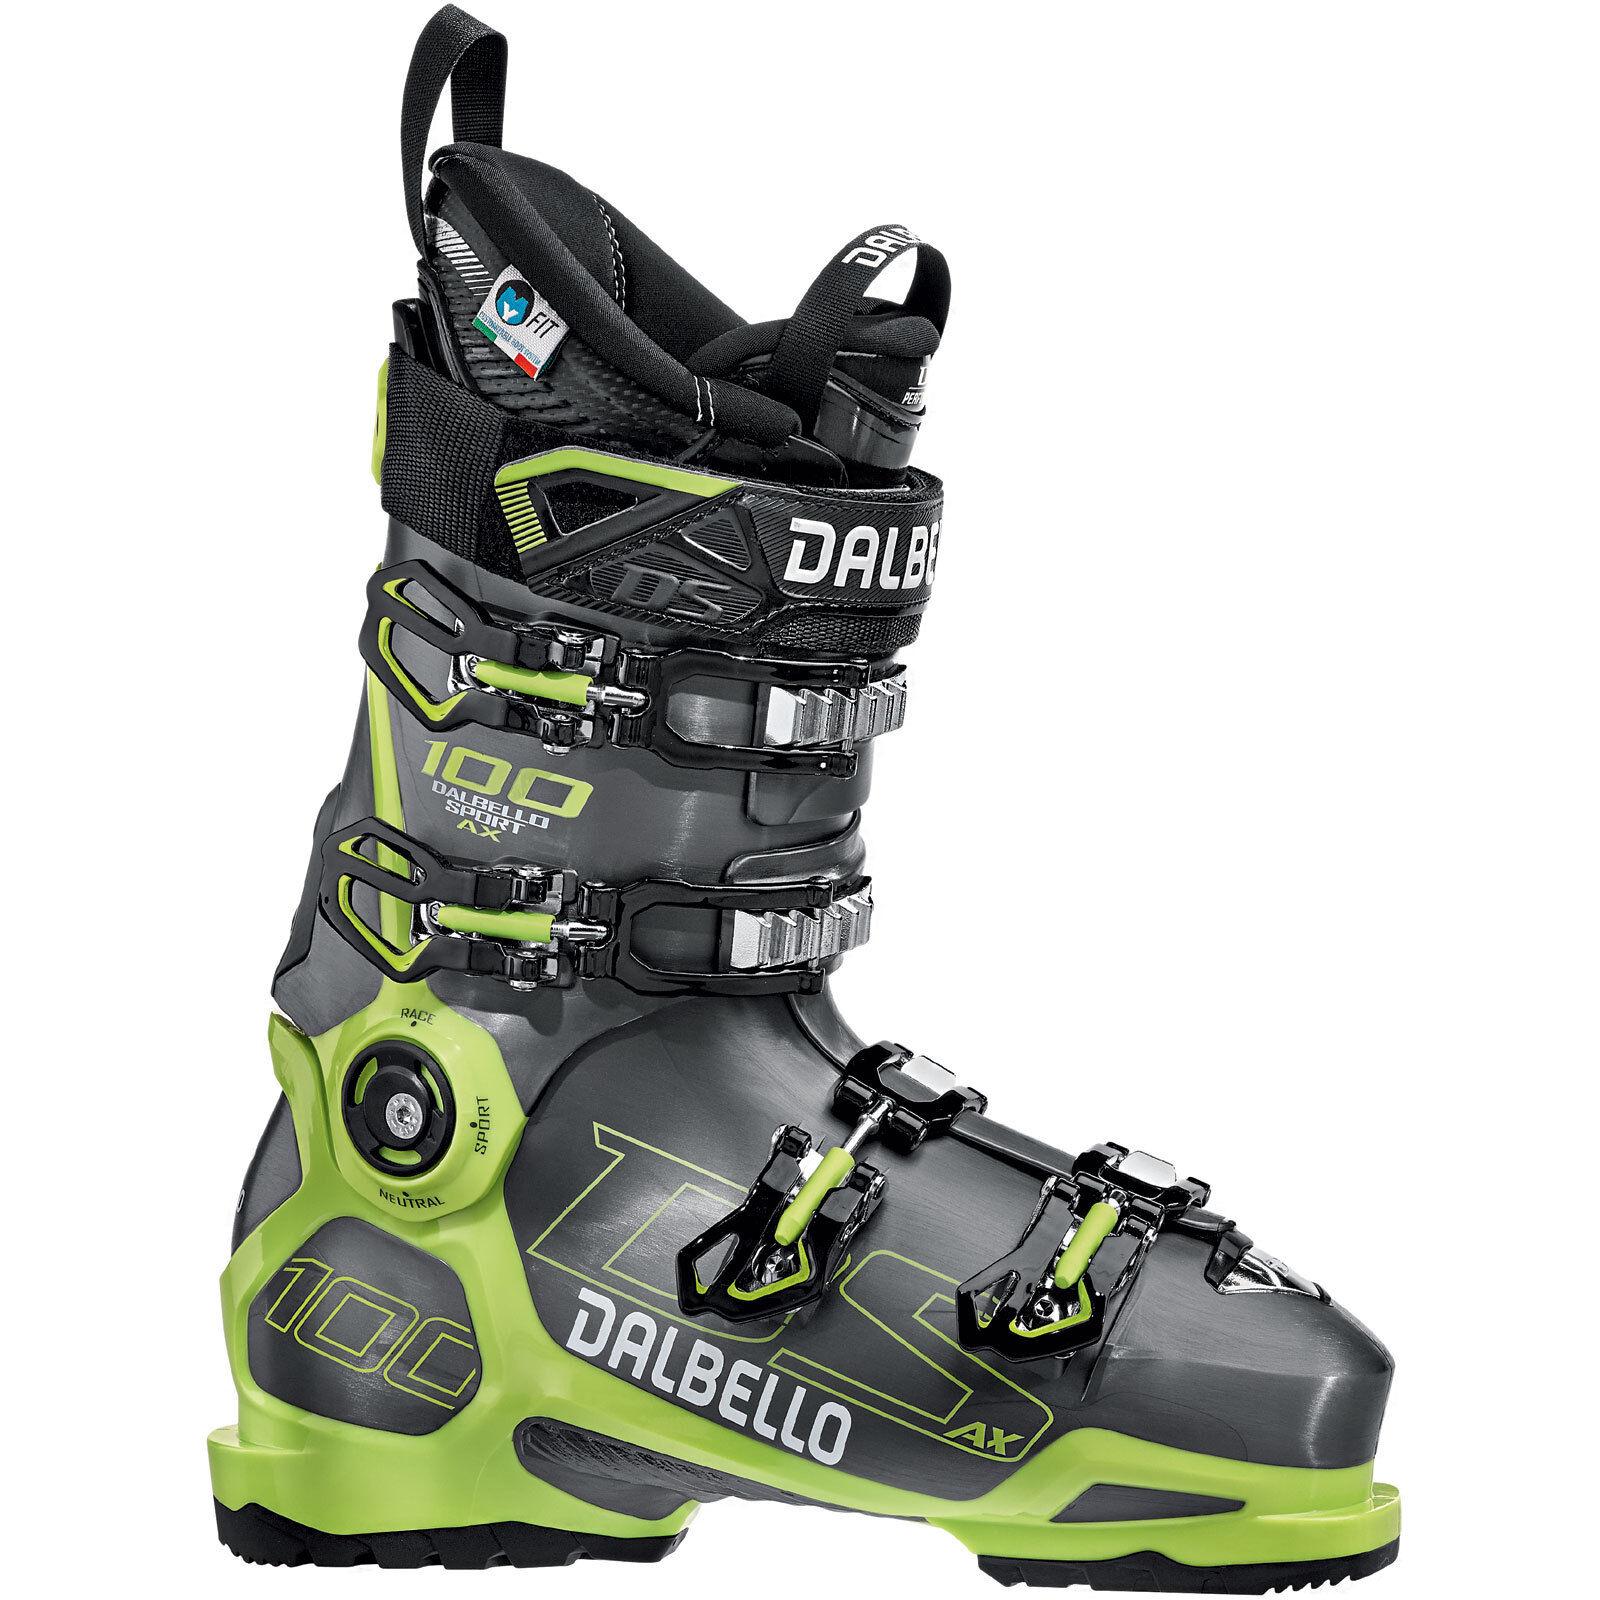 Dalbello DS AX 100 MS Herren-Skistiefel Ski Stiefel Stiefel Stiefel Stiefel Skischuhe Schuhe Alpin ff2a70